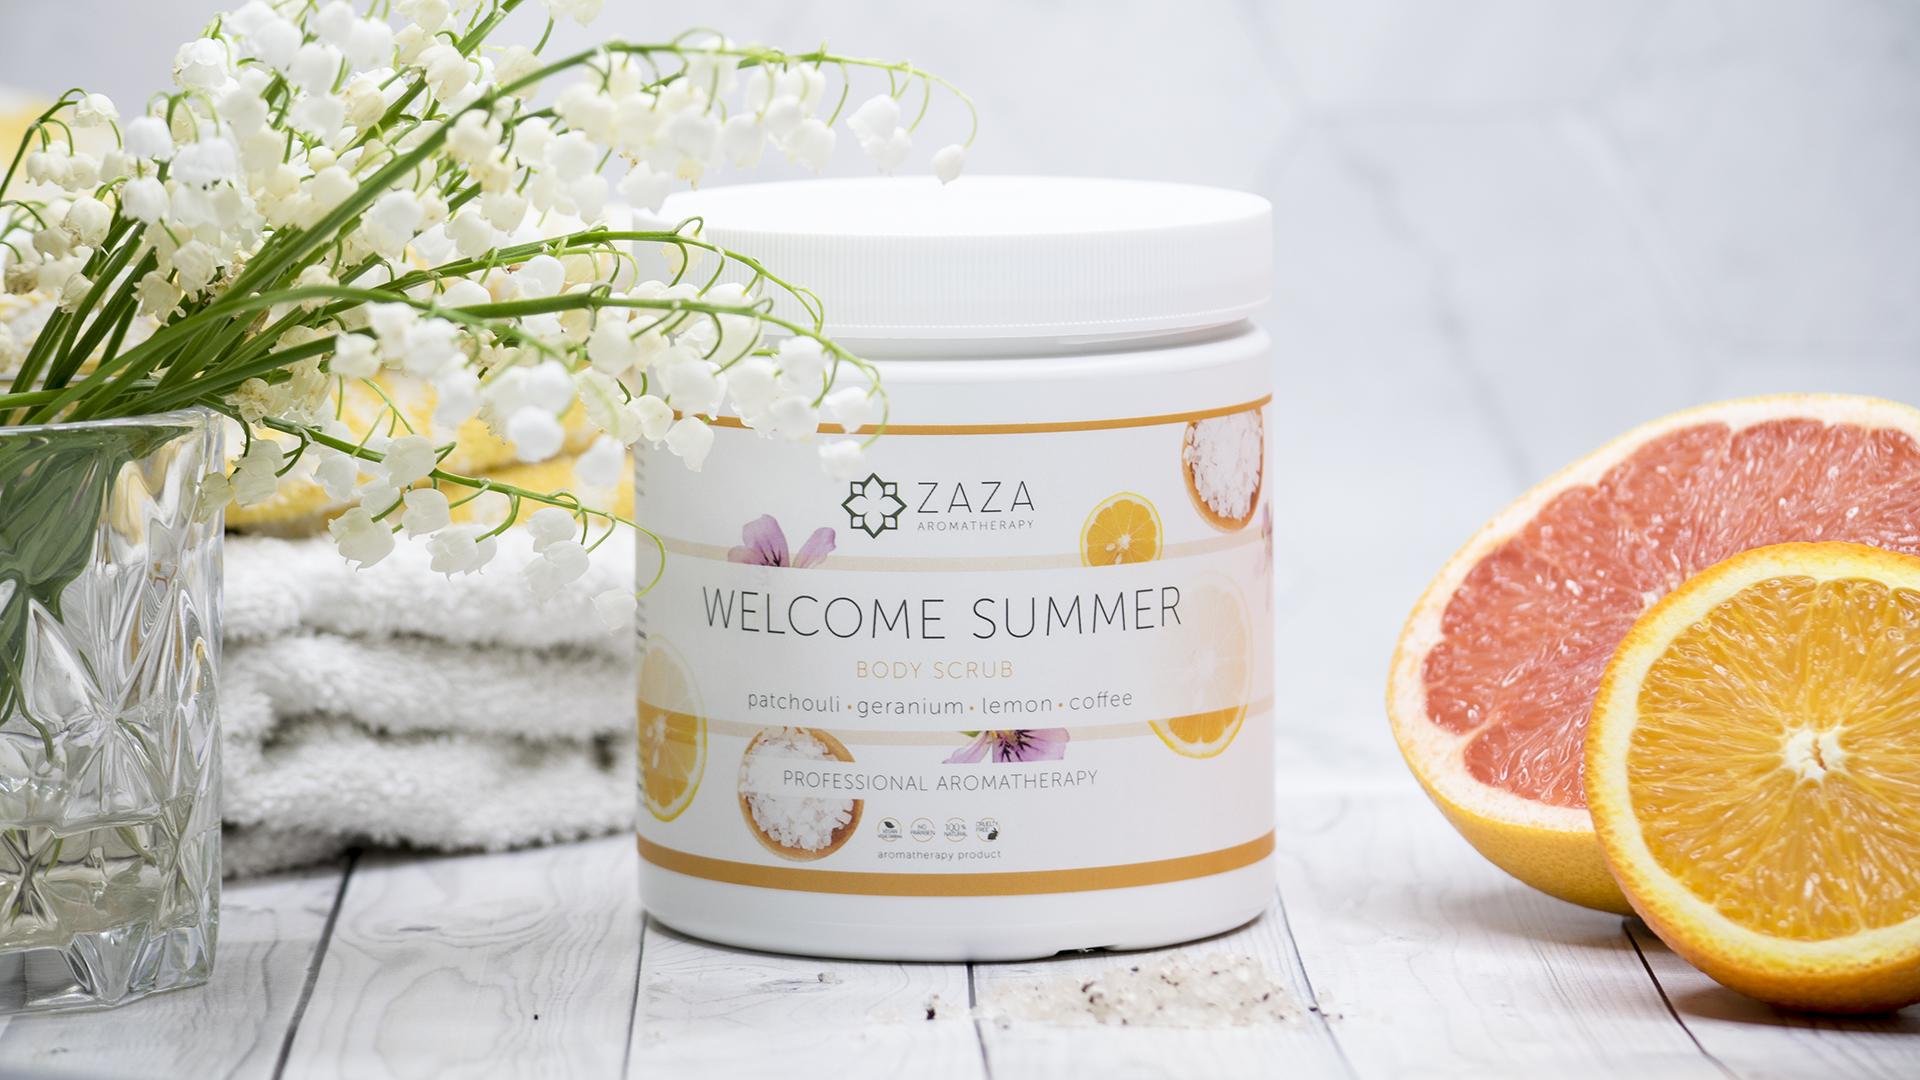 Beauty Bang Theory - Zaza Aromatherapy piling